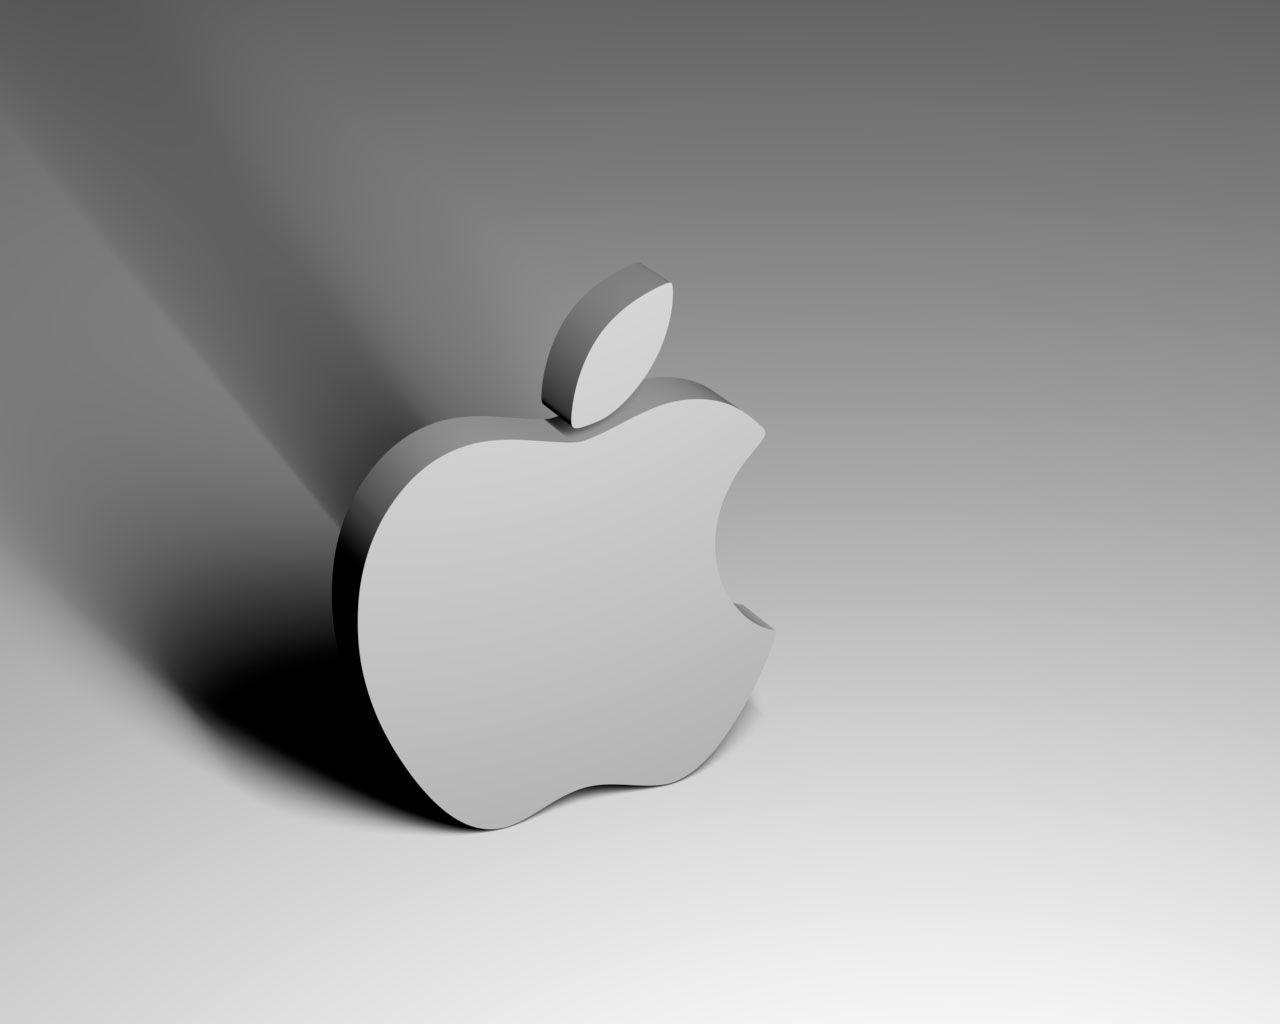 اپل دوباره ساخت ایرپاور را متوقف کرد